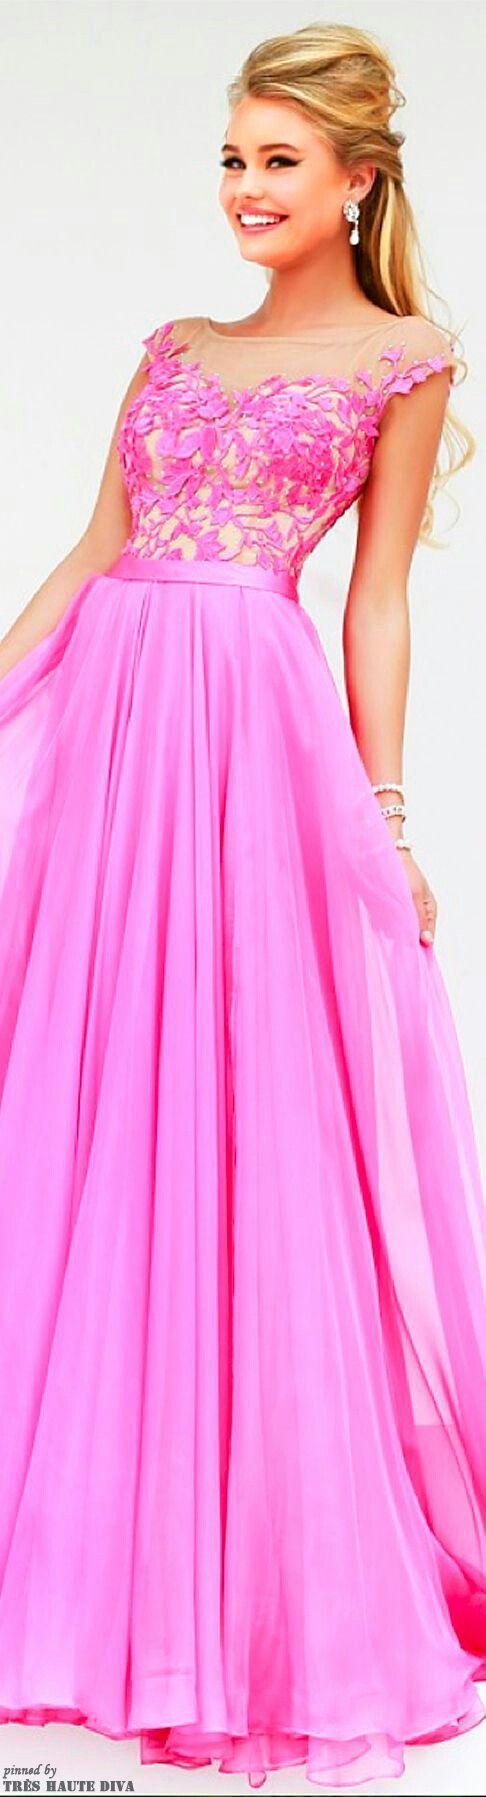 Pin de NITA ~ en Fashion~Pretty in Pink | Pinterest | Vestido ...